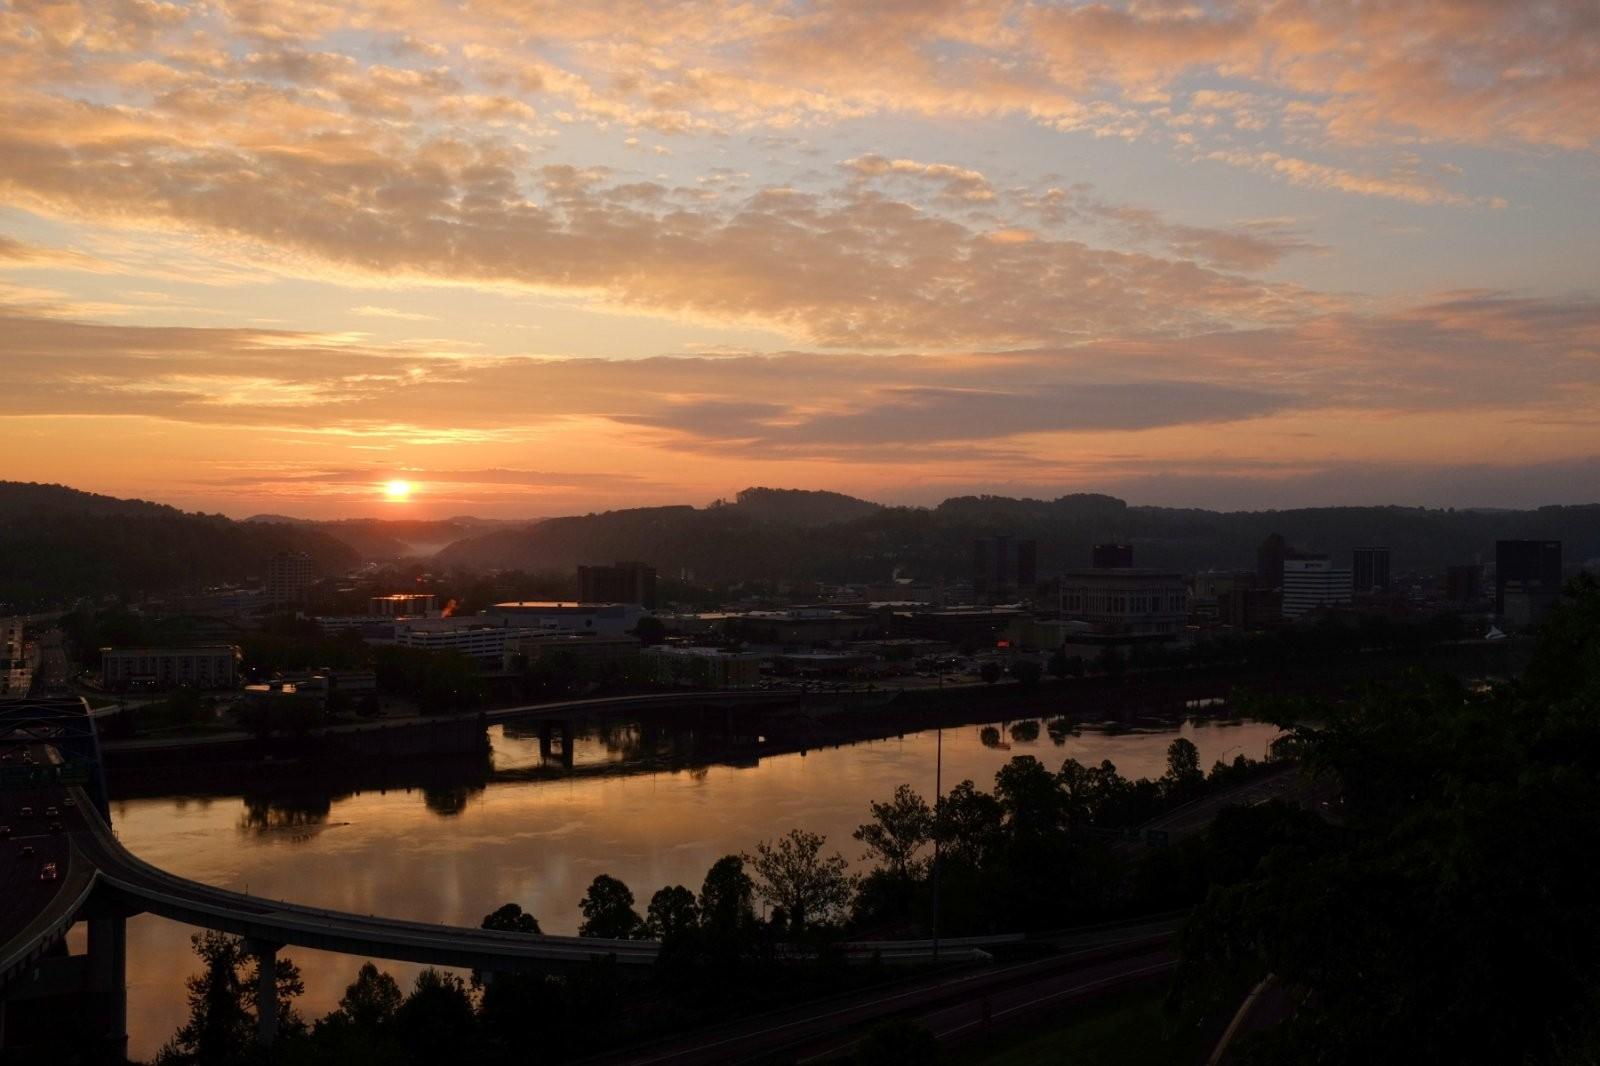 Sunrise2_05-06-16.jpg